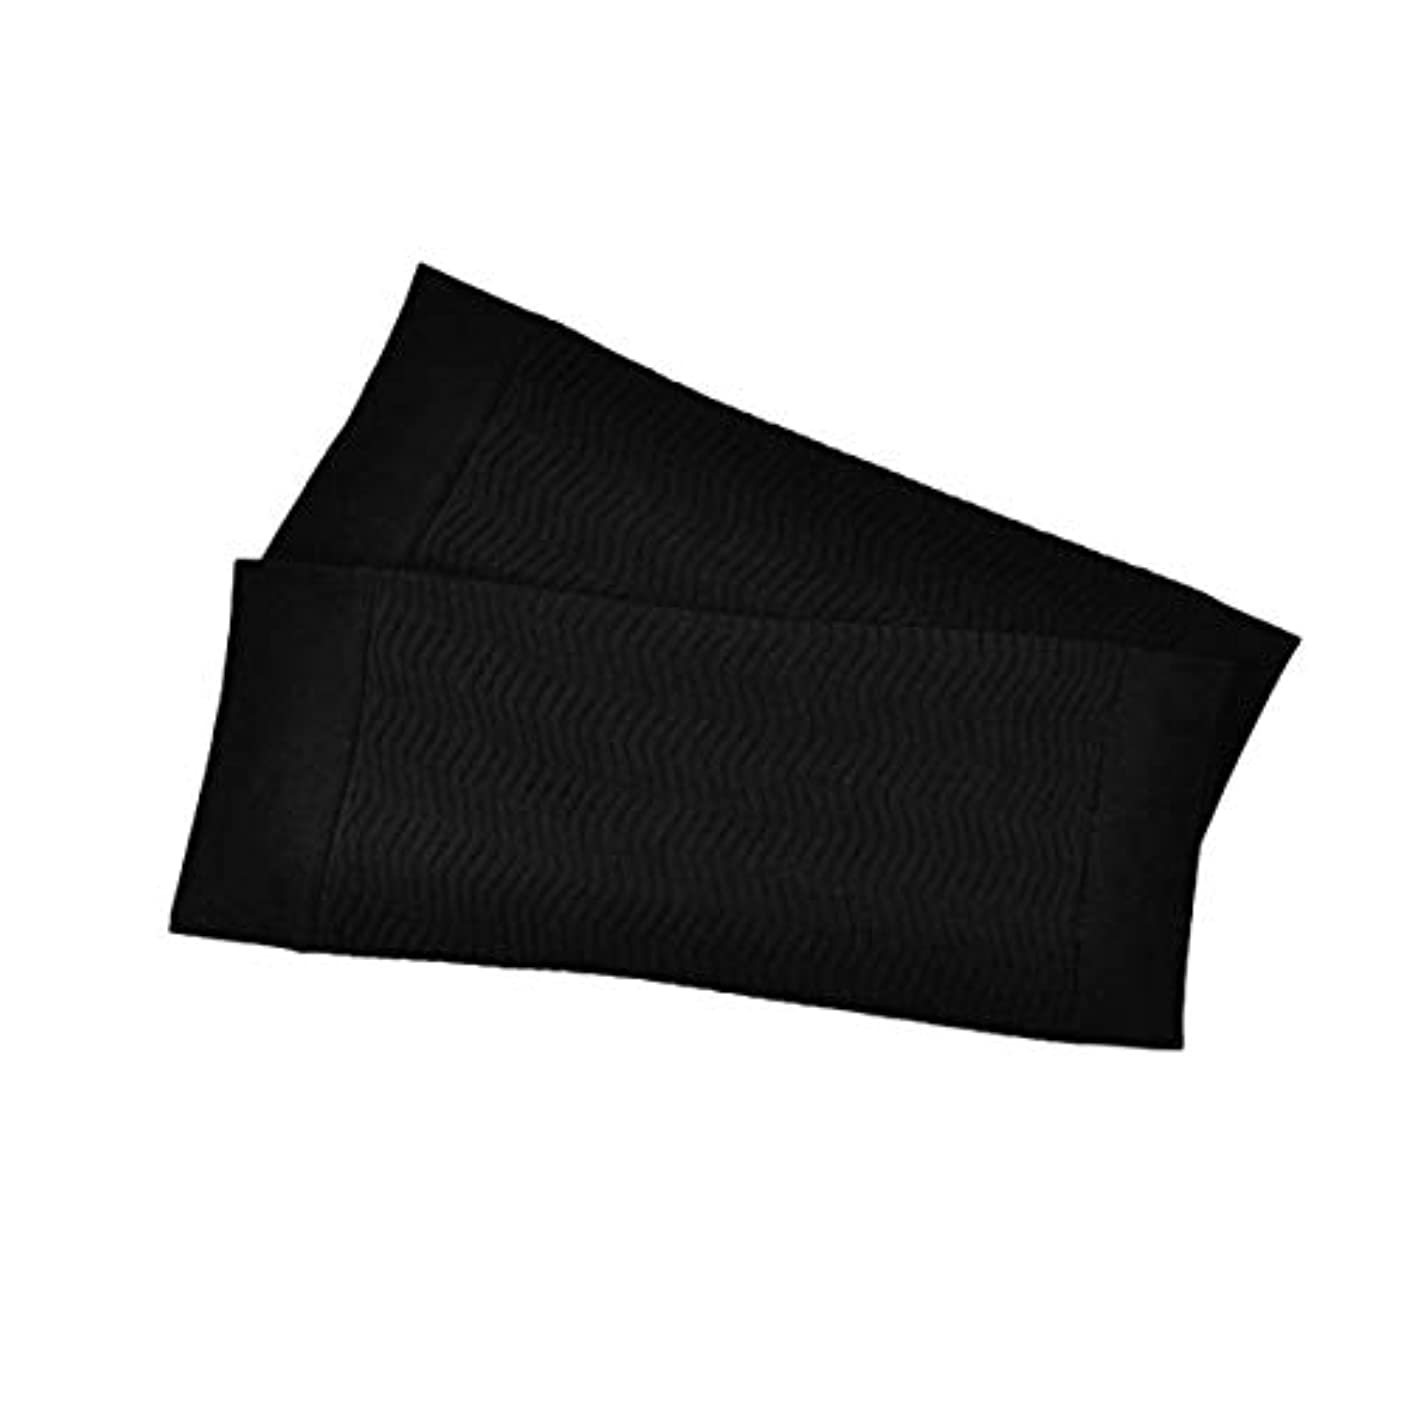 ジョガーマットレス発行1ペア680 D圧縮アームシェイパーワークアウトトーニングバーンセルライトスリミングアームスリーブ脂肪燃焼半袖用女性 - ブラック